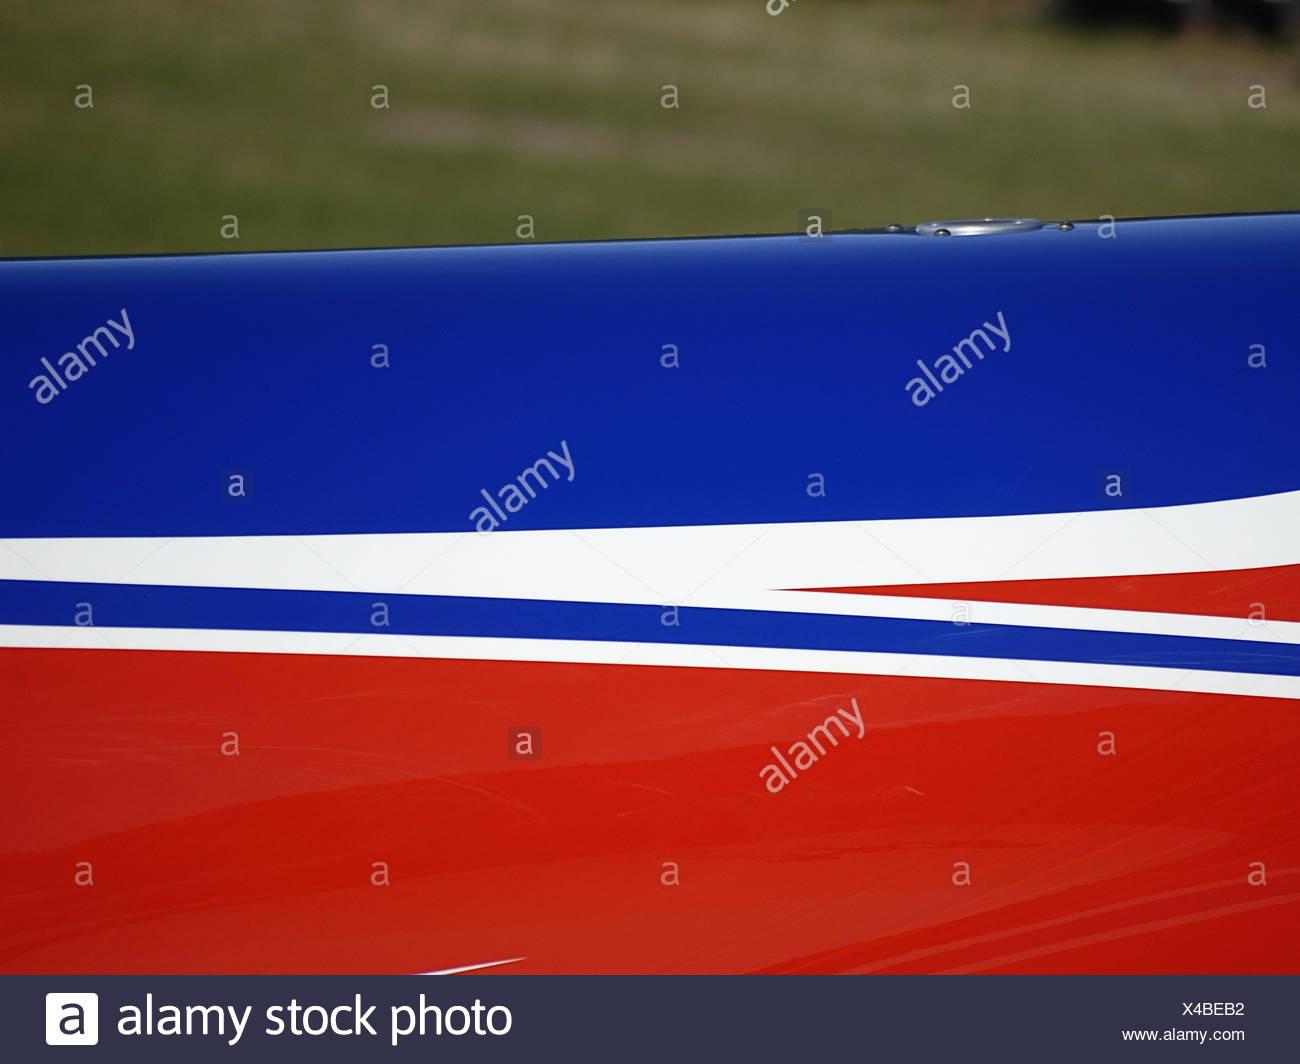 aircraft 2 - flugzeug 2 - Stock Image